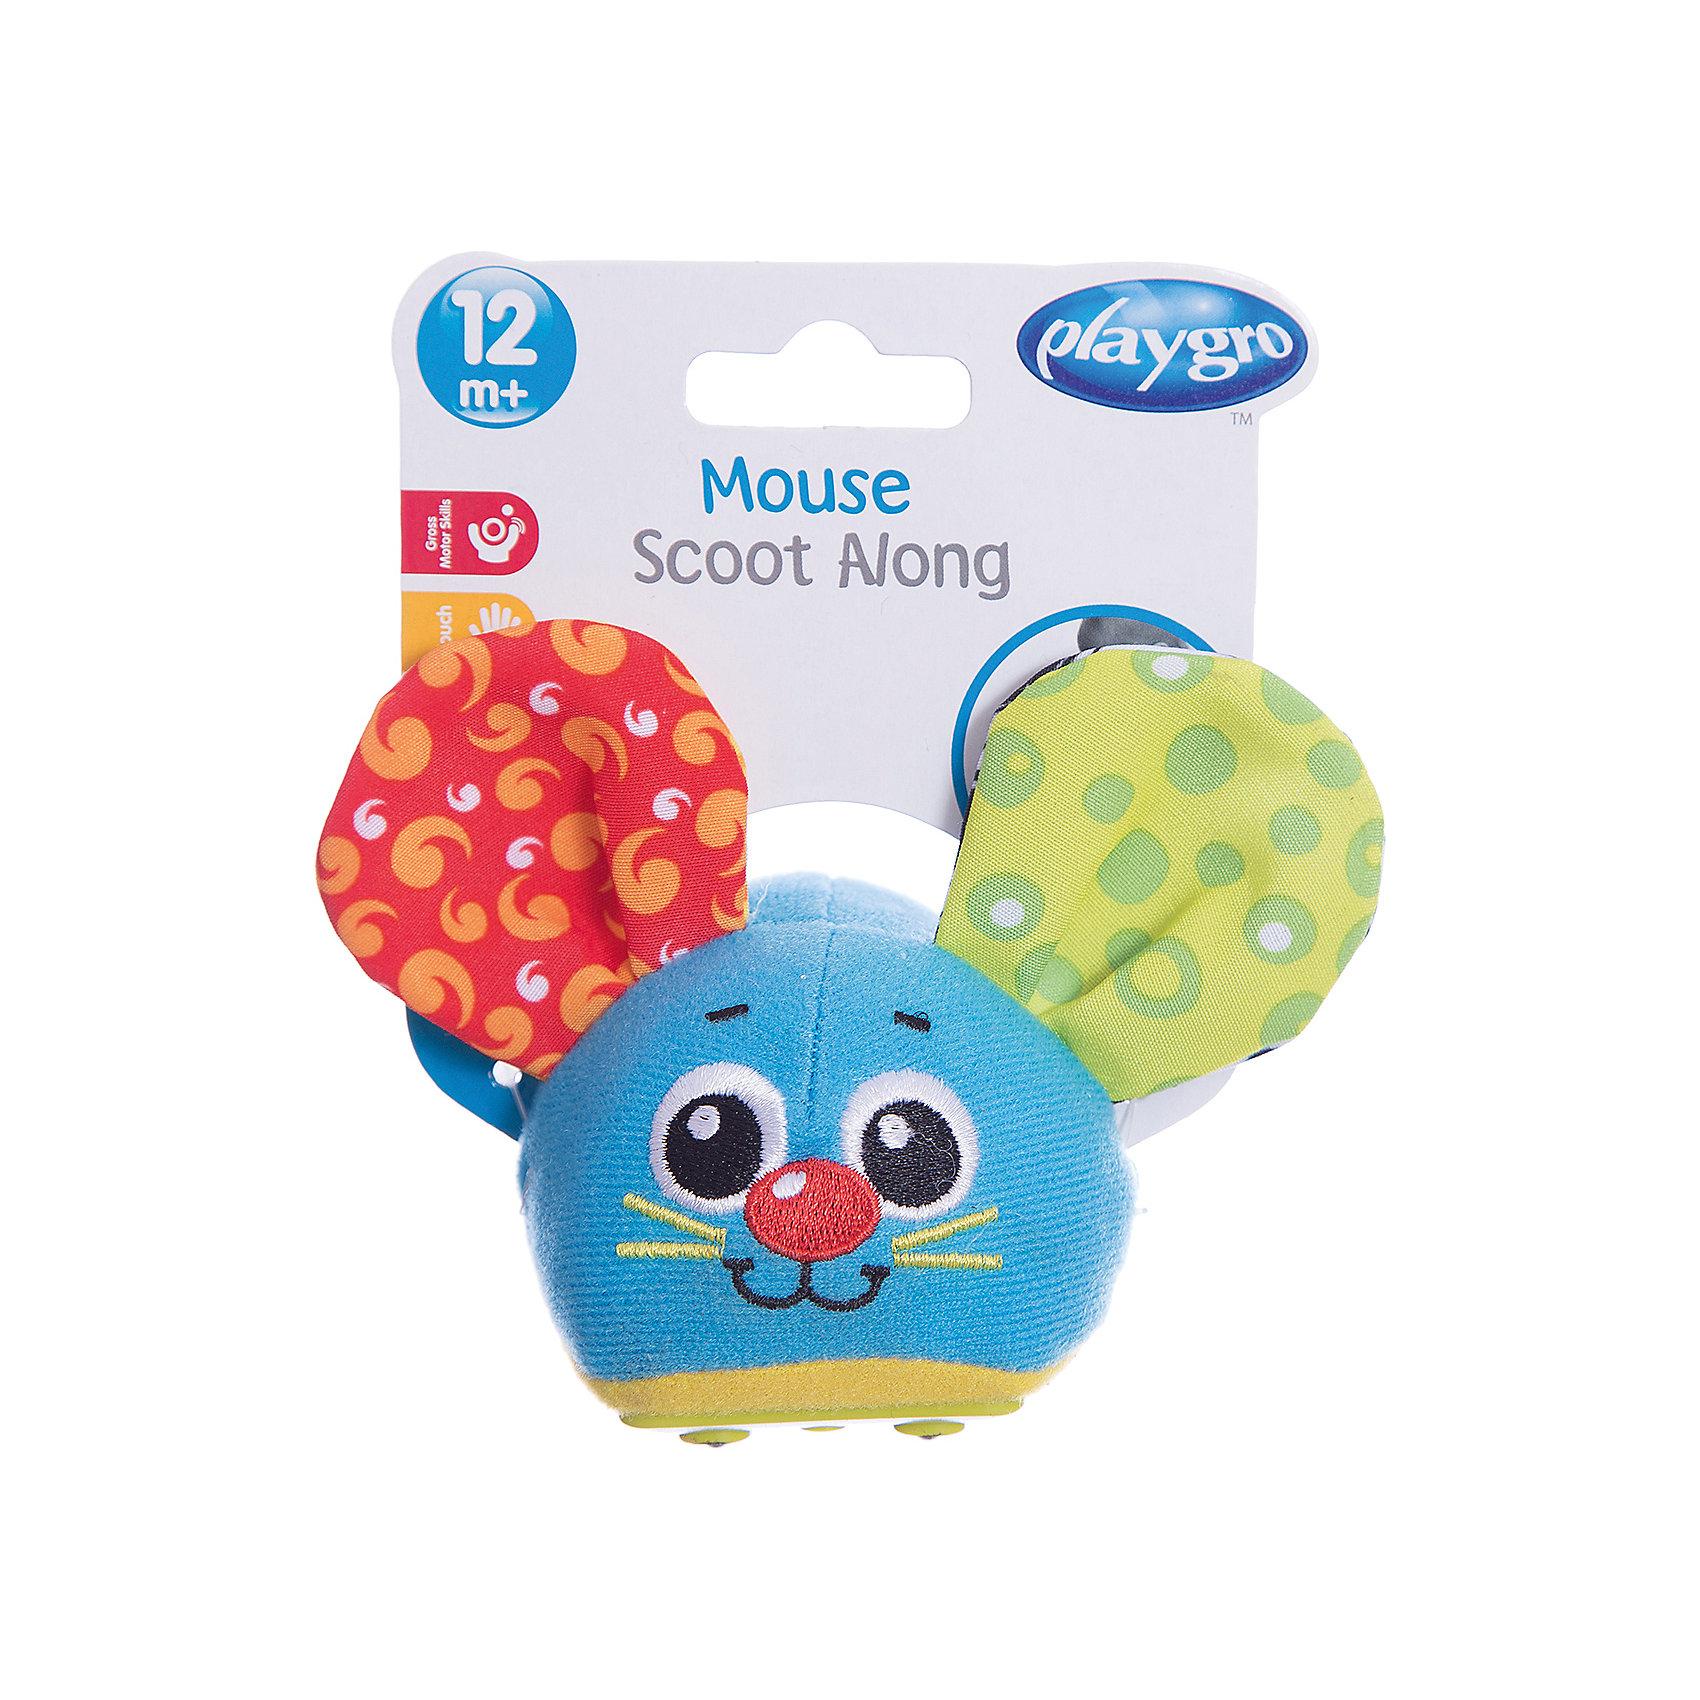 Игрушка инерционная Мышка, PlaygroРазвивающие игрушки<br>Яркая и симпатичная игрушка Мышка может издавать забавные звуки и вибрировать. Для того чтобы мышка поехала вперед, ее нужно оттянуть и отпустить. Игрушка поможет ребенку развить двигательную активность, а встроенные звуки будут стимулировать слуховое восприятие.<br><br>Дополнительная информация:<br><br>- Возраст: от 6 месяцев до 3 лет<br>- Материал: пластик, текстиль<br>- Размер: 8х7х8 см<br>- Вес: 0.05 кг<br><br>Игрушку инерционную Мышка, Playgro можно купить в нашем интернет-магазине.<br><br>Ширина мм: 80<br>Глубина мм: 70<br>Высота мм: 80<br>Вес г: 50<br>Возраст от месяцев: 6<br>Возраст до месяцев: 36<br>Пол: Унисекс<br>Возраст: Детский<br>SKU: 4779538